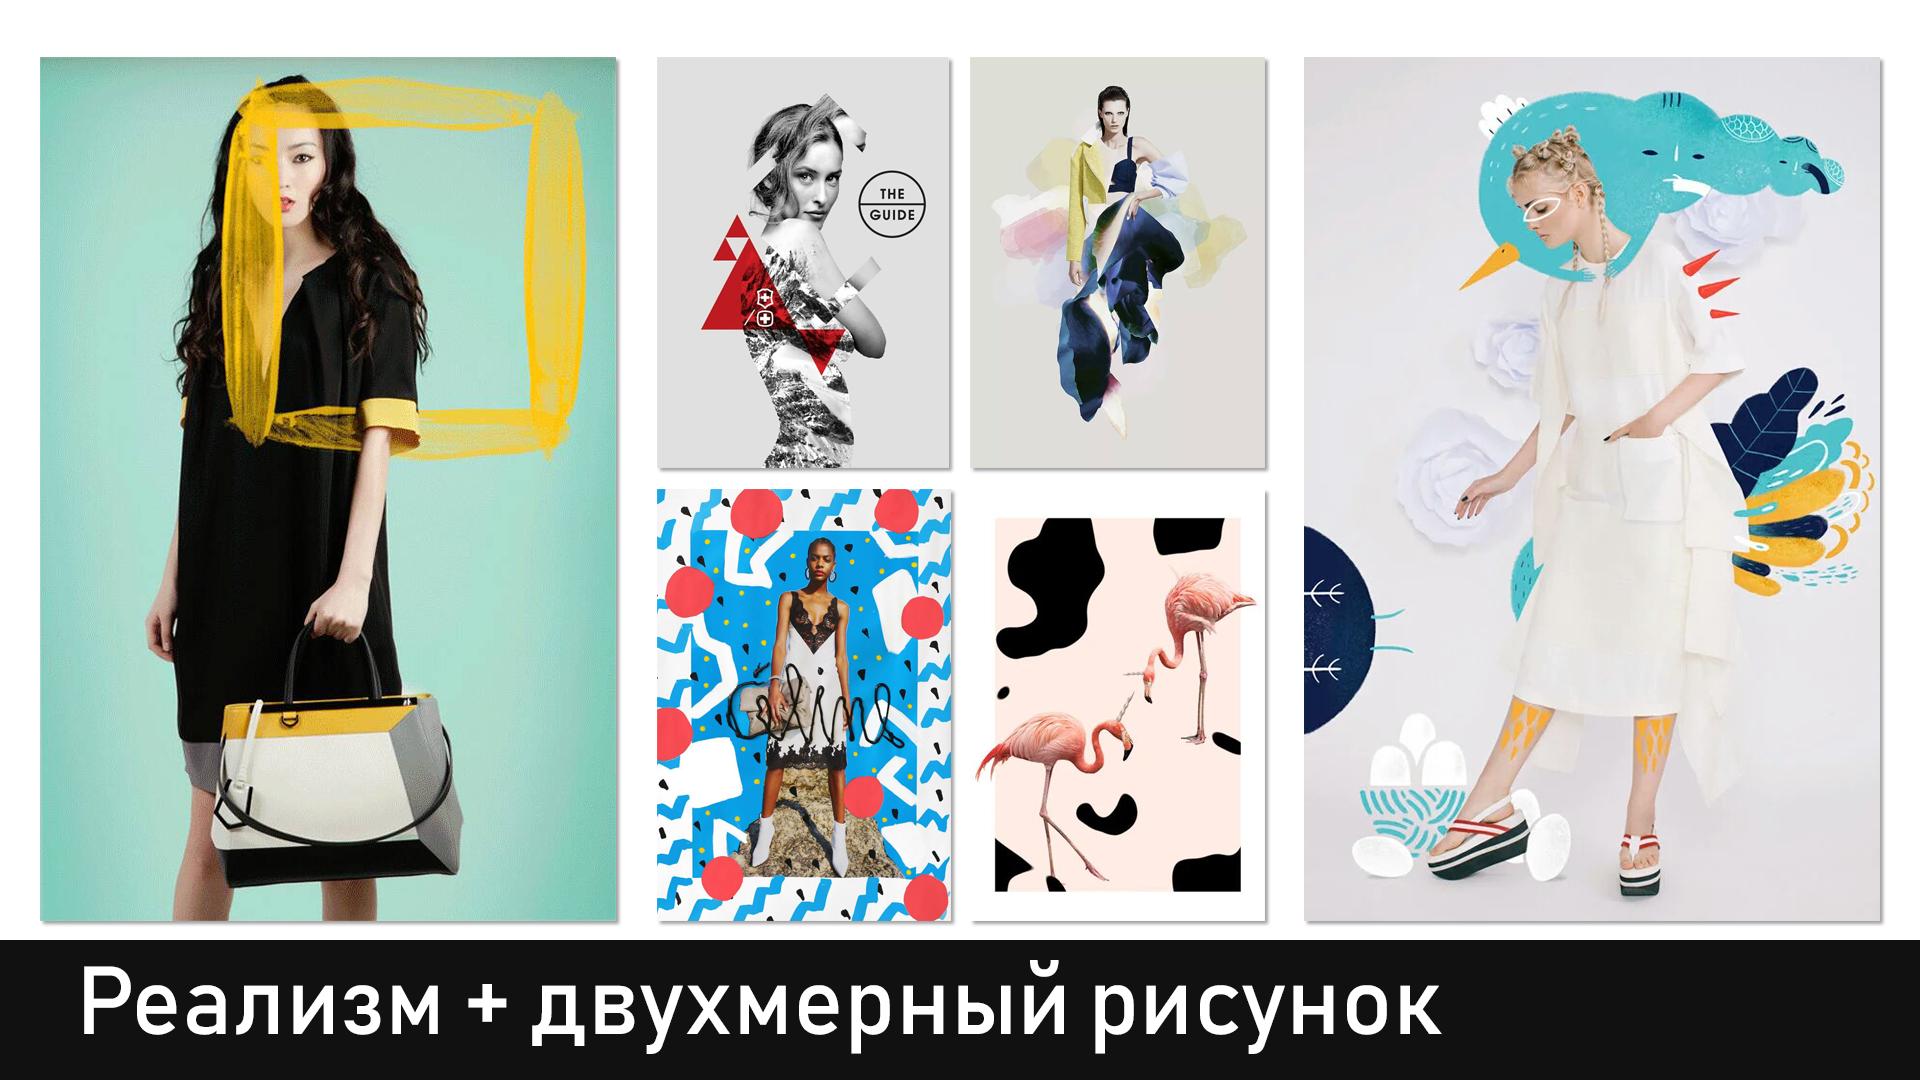 Примеры реализма и двухмерного рисунка на коллаже